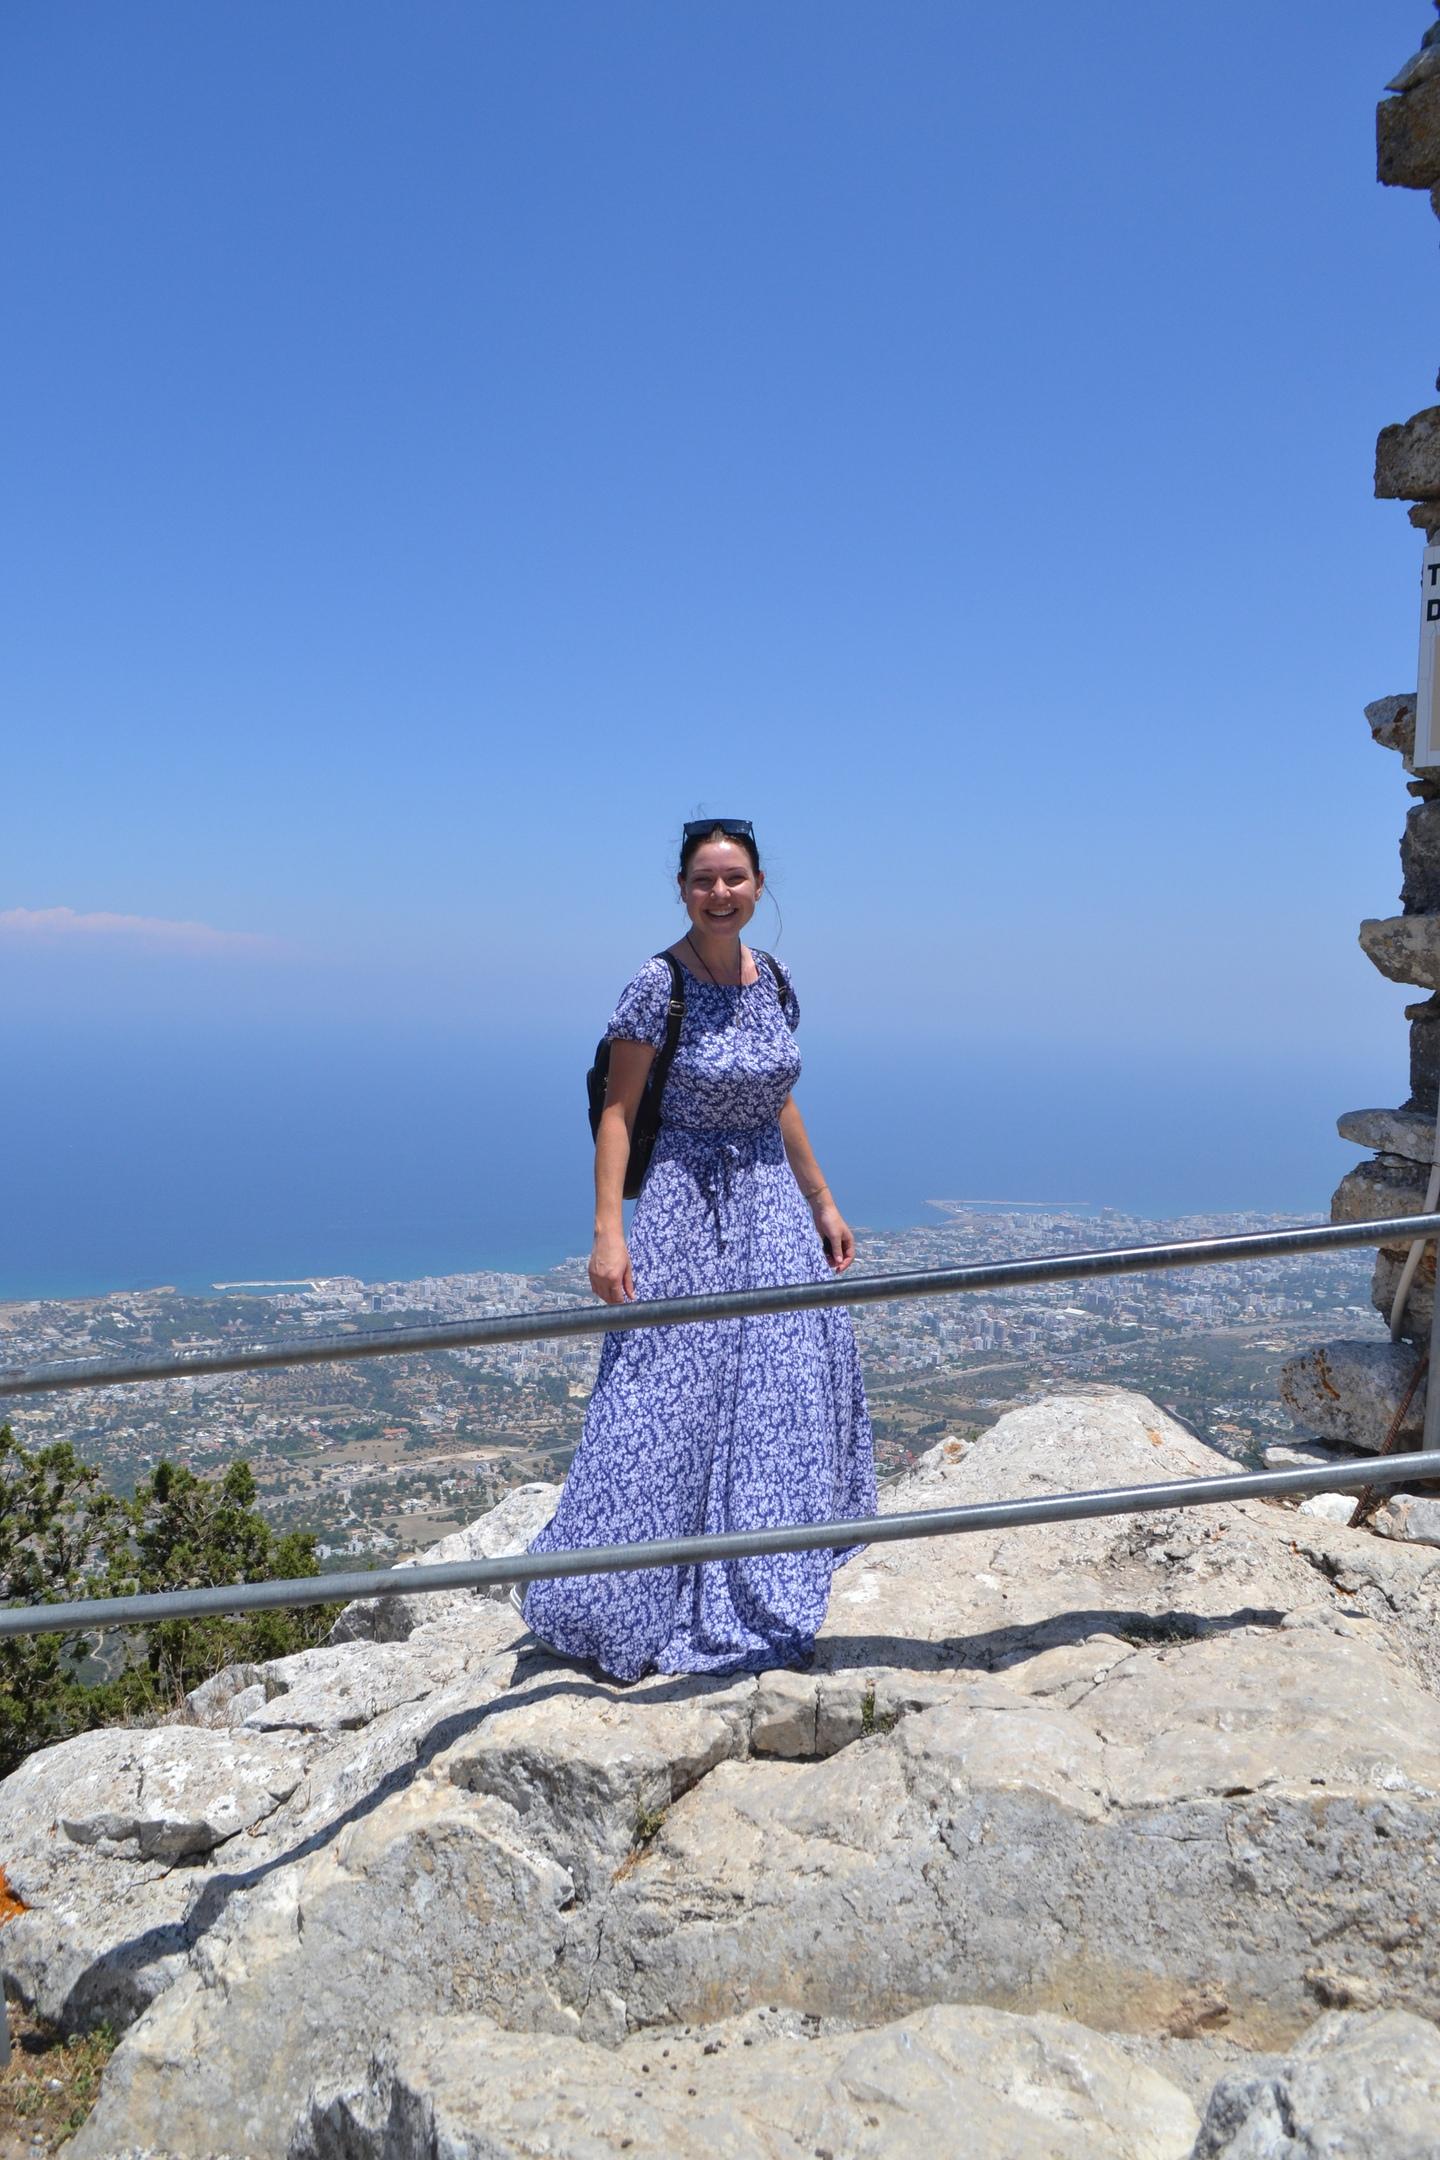 Северный Кипр. Замок Святого Иллариона. (фото). - Страница 3 Bn6fGyxHk-Y